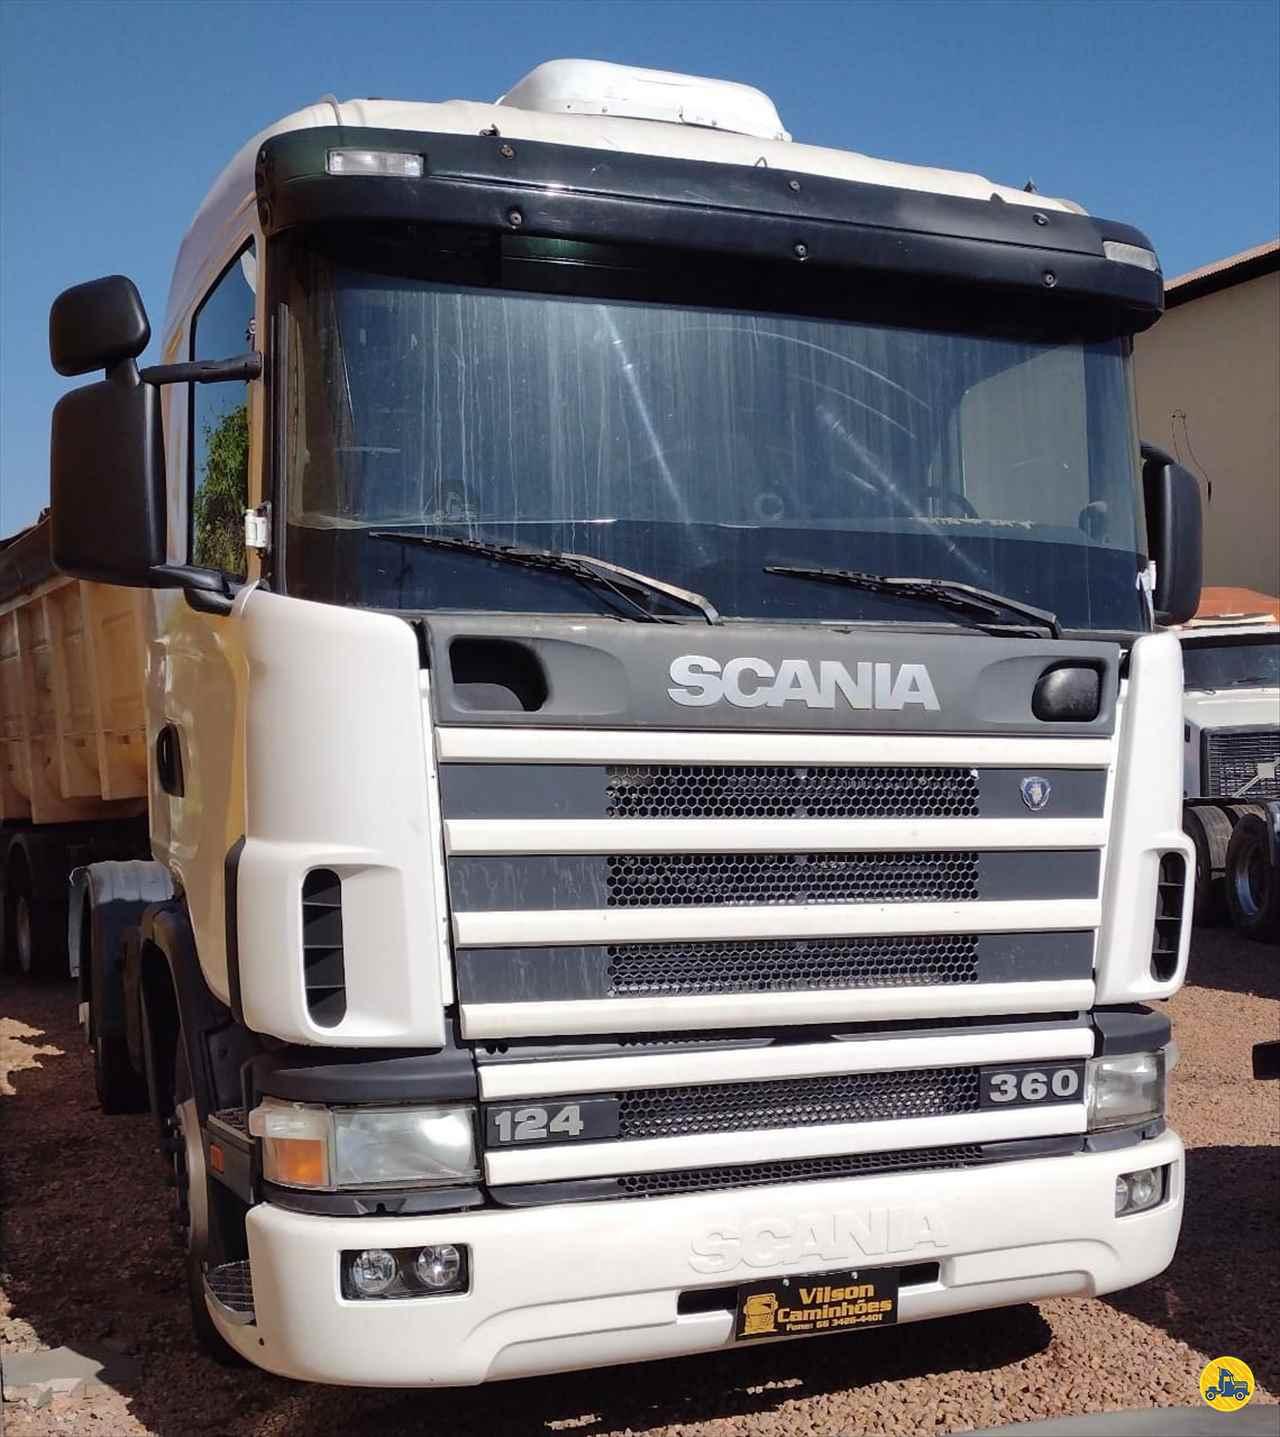 CAMINHAO SCANIA SCANIA 124 360 Cavalo Mecânico Truck 6x2 Vilson Caminhões  RONDONOPOLIS MATO GROSSO MT